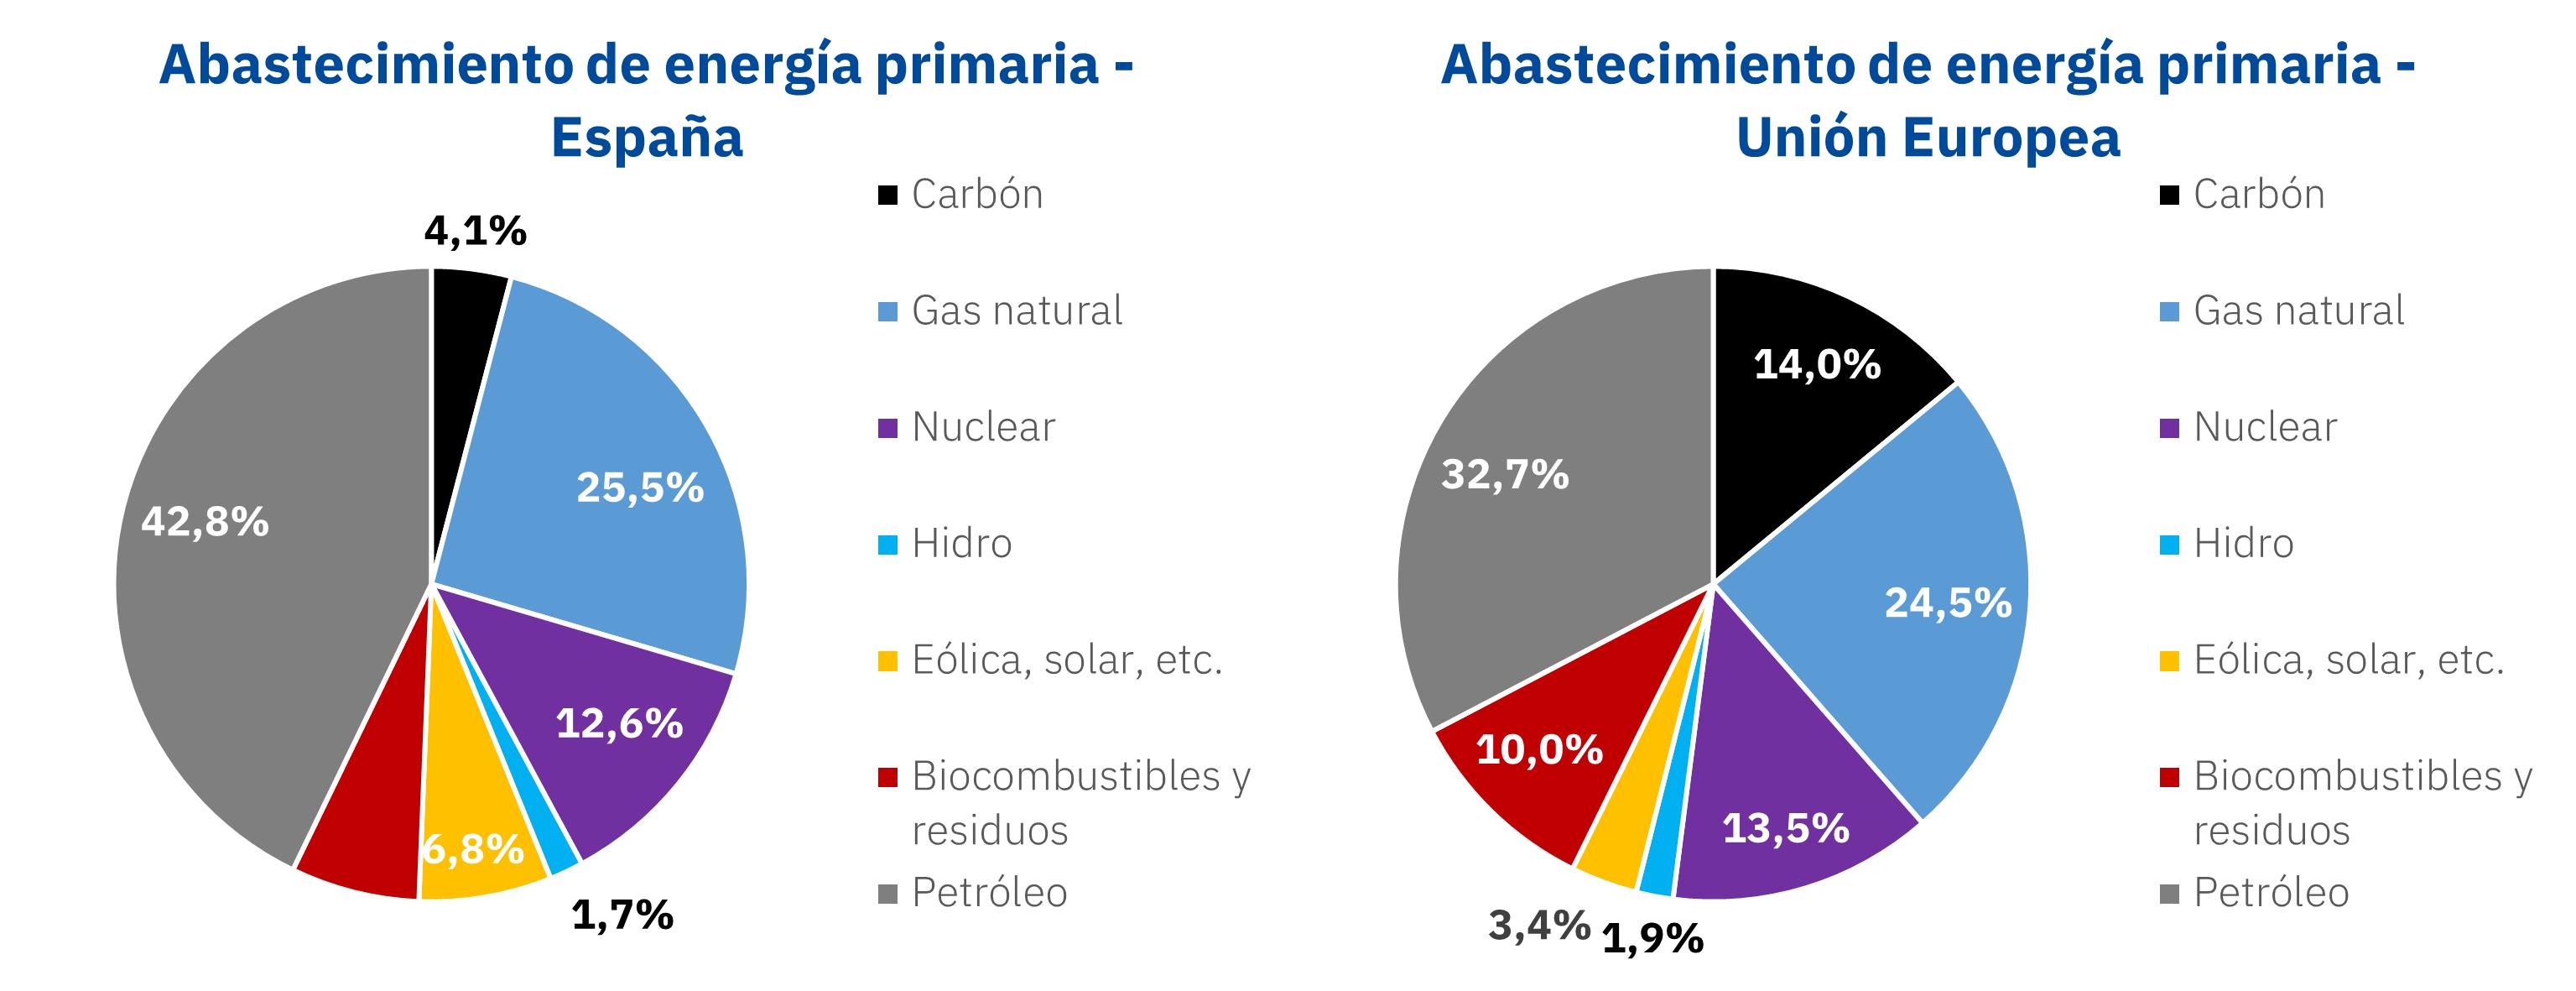 Canibalización de precios y financiación, los temas que más preocupan a los proyectos renovables